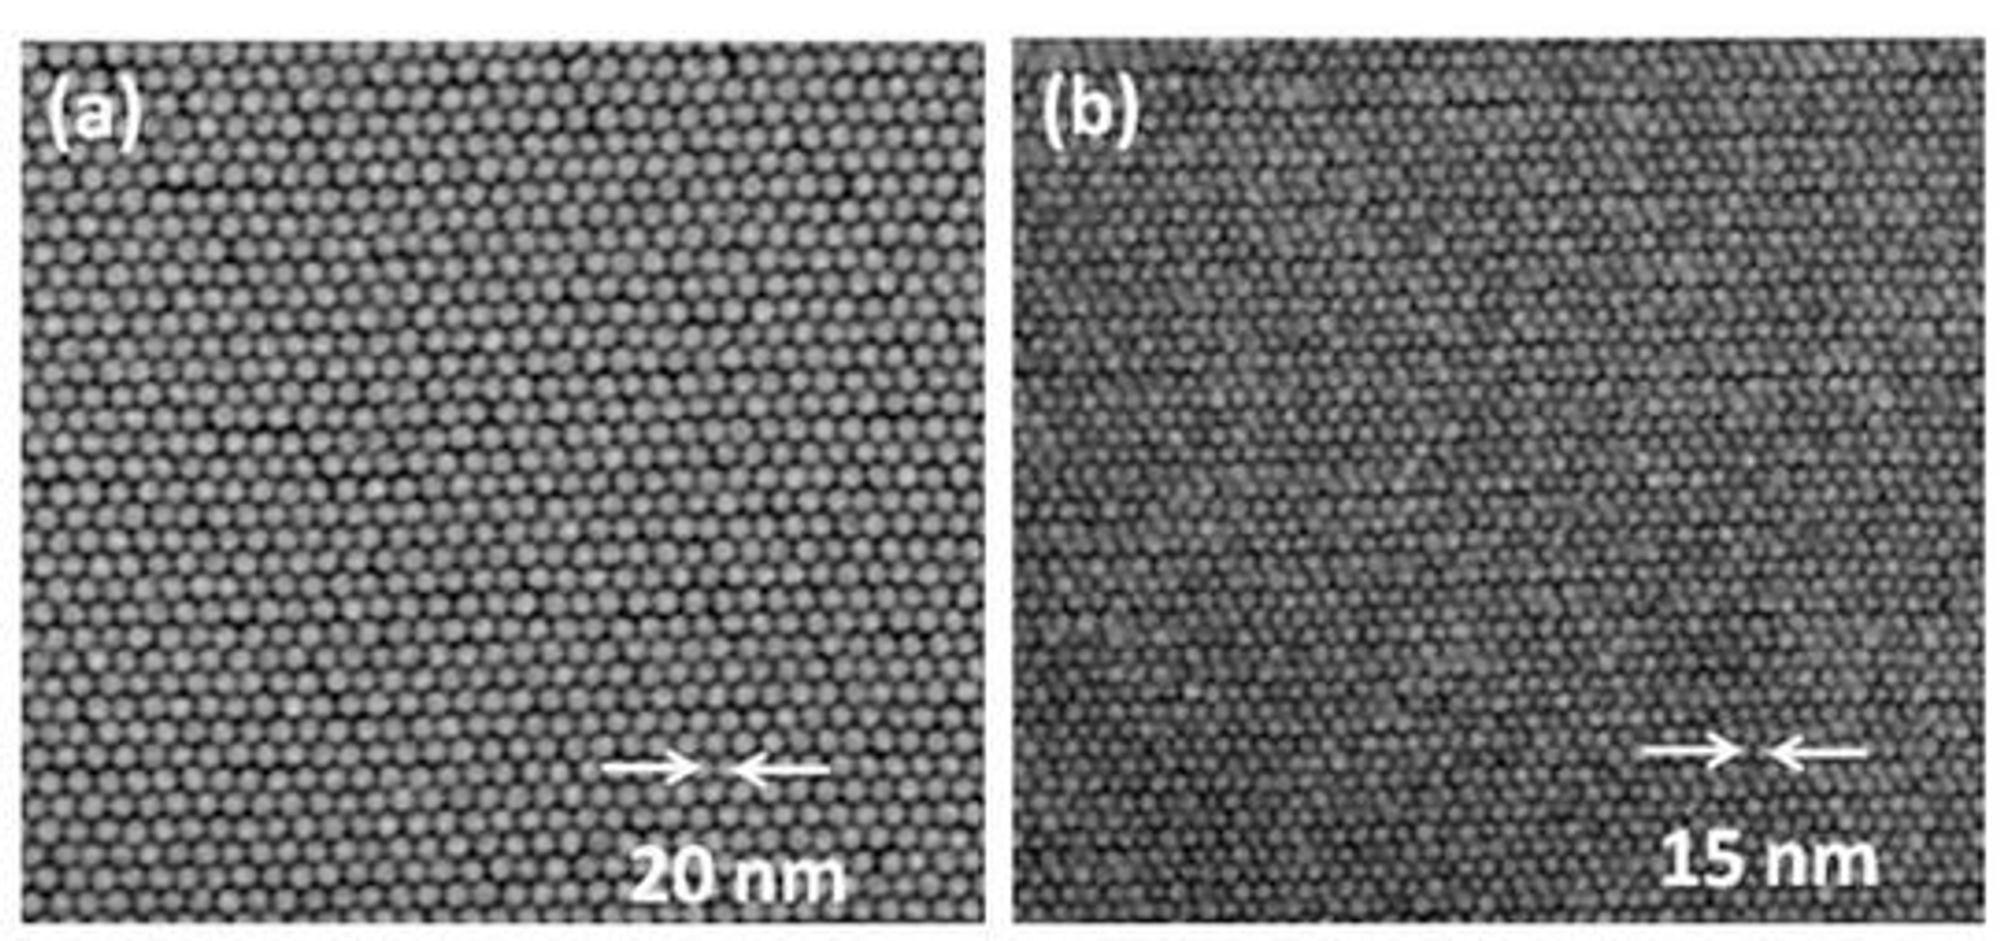 Elektronmikroskopbilder av magnetiske bit med tetthet på 1,9 terabit per kvadrattomme (til venstre) og 3,3 terabit per kvadrattomme (til høyre).